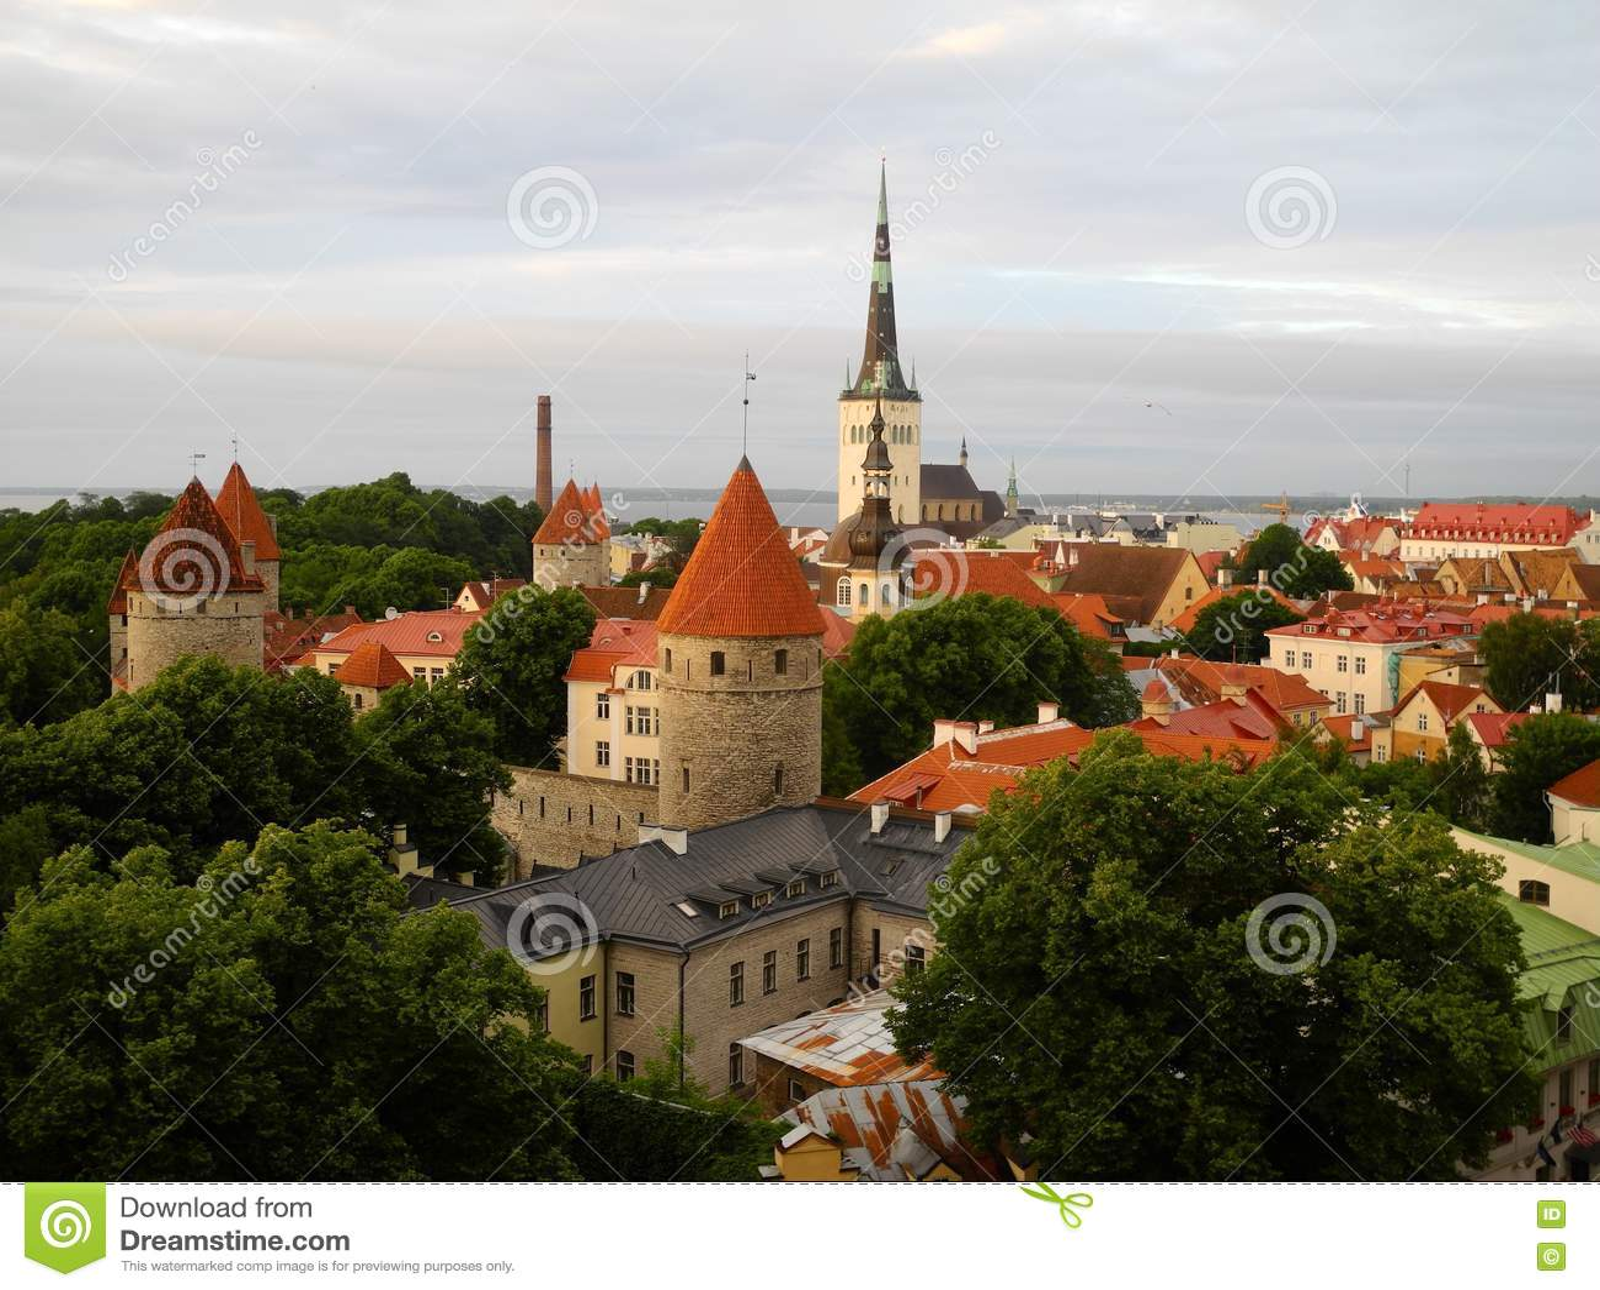 Old Tallinn, Estonia